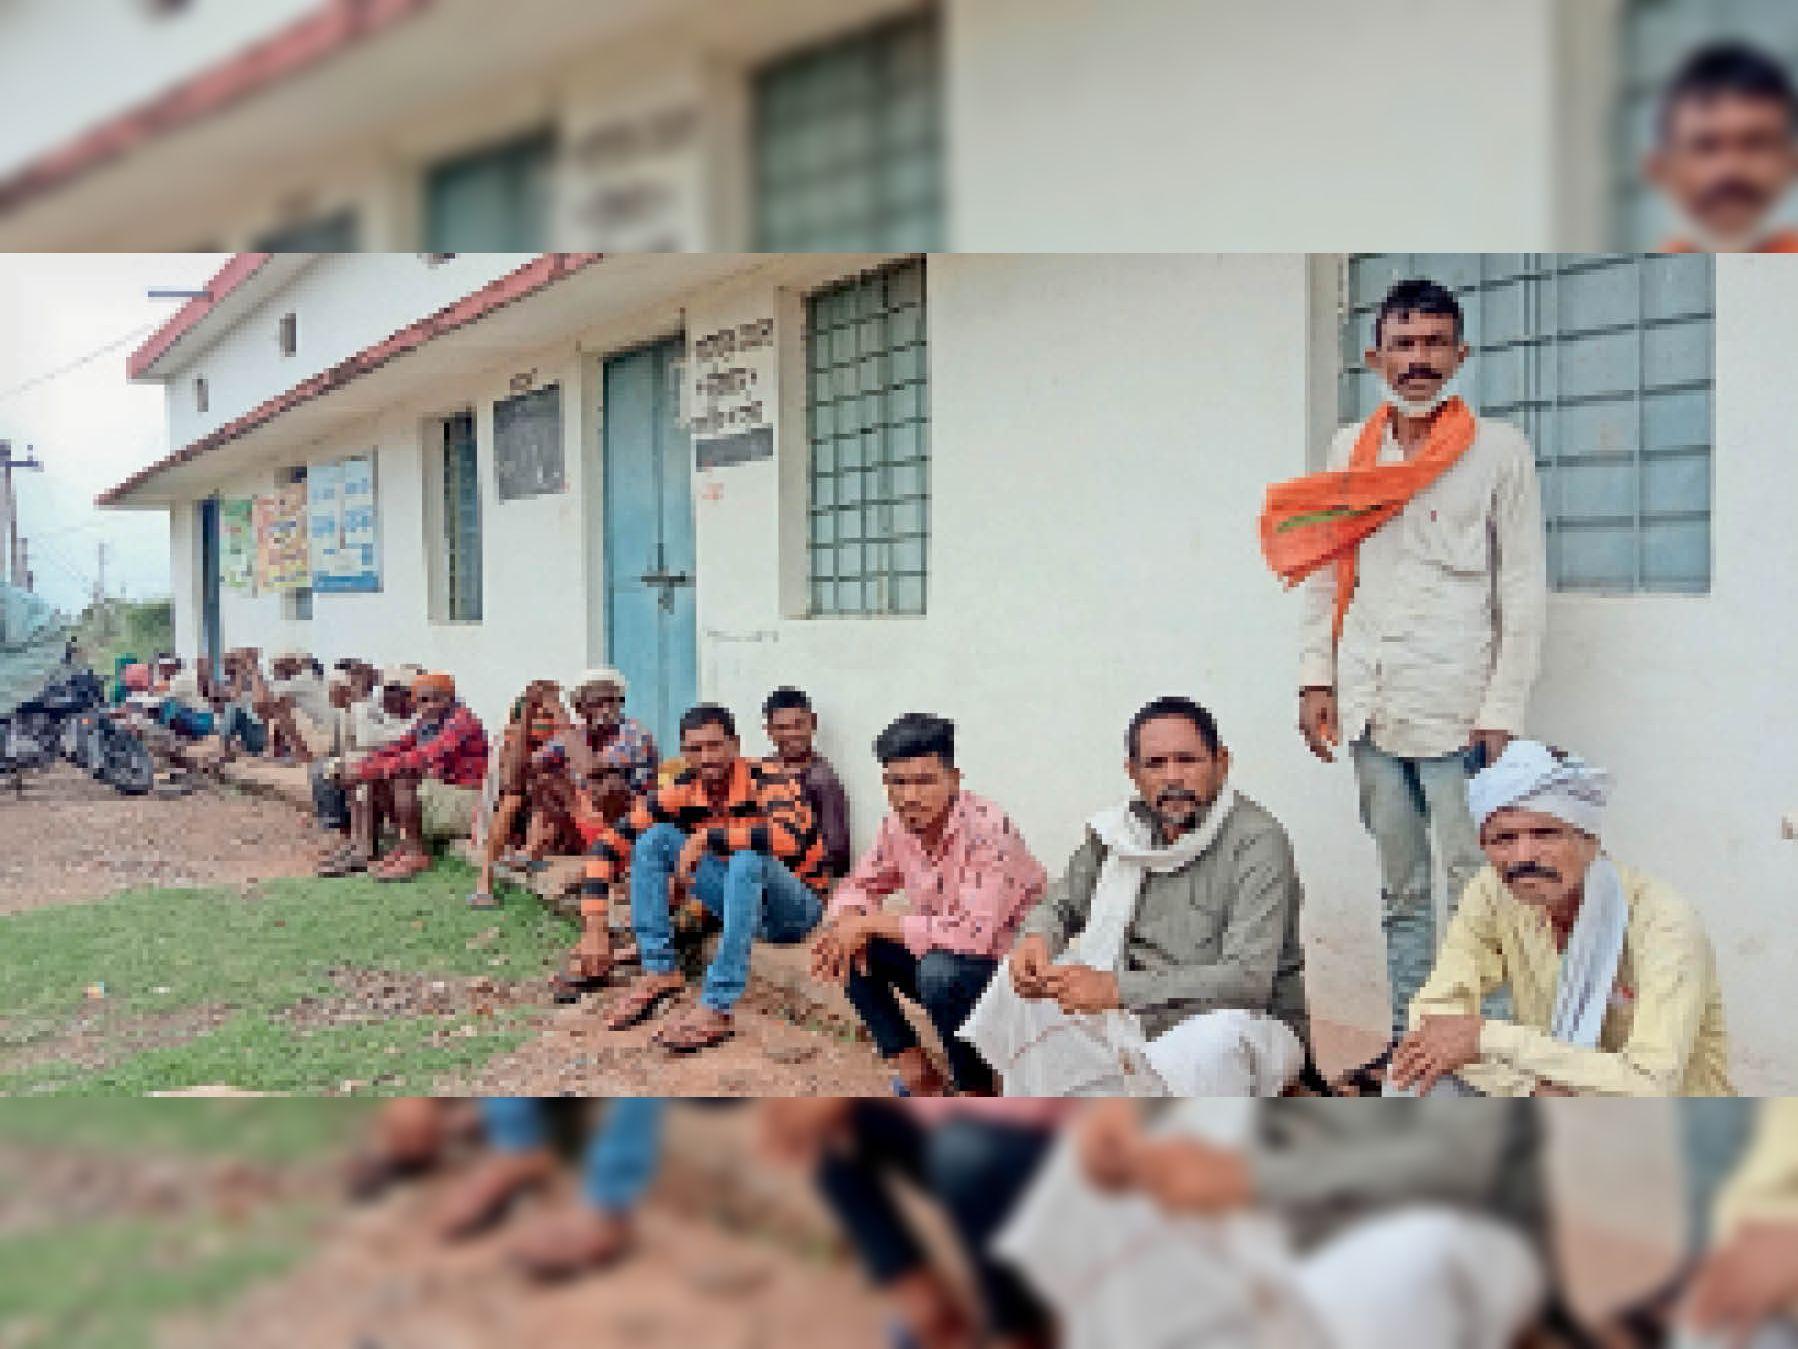 कालापीपल सोसायटी पर सुबह से बैठे किसान, एक को भी नहीं मिला यूरिया - Dainik Bhaskar